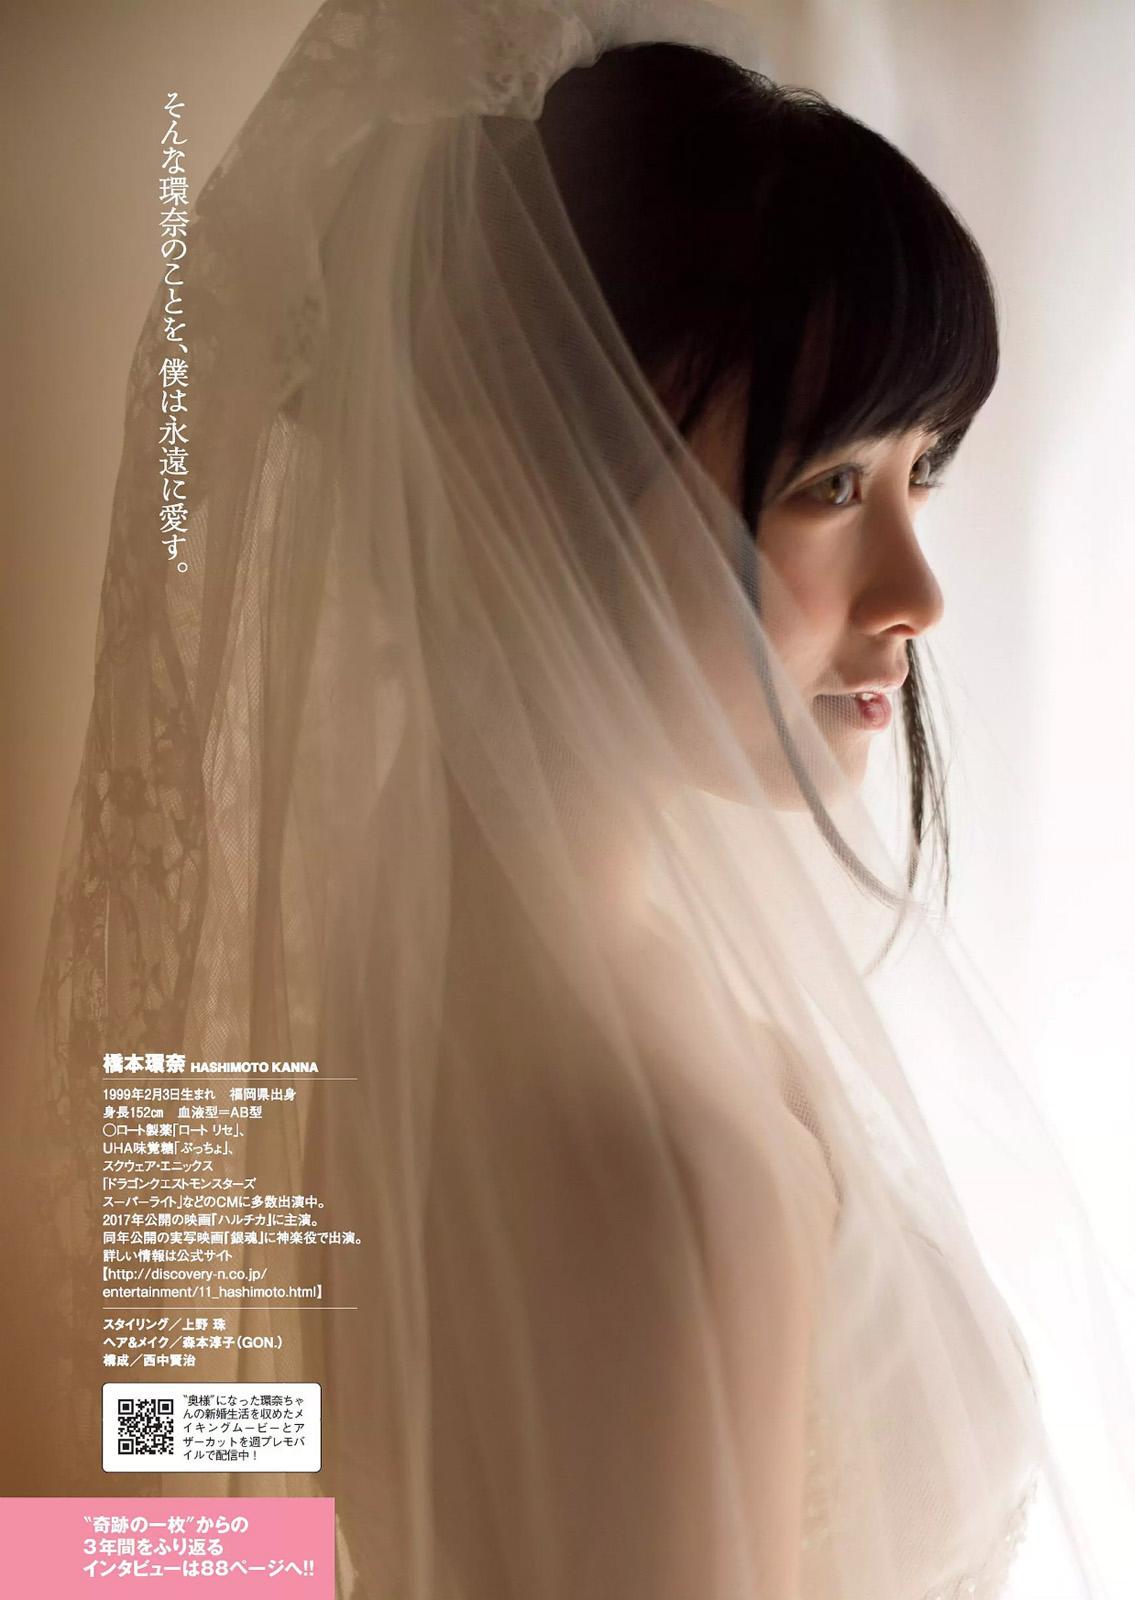 Hashimoto Kanna 橋本環奈 Rev.from DVL, Weekly Playboy 2016.11.07 No.45 (週刊プレイボーイ 2016-45号)